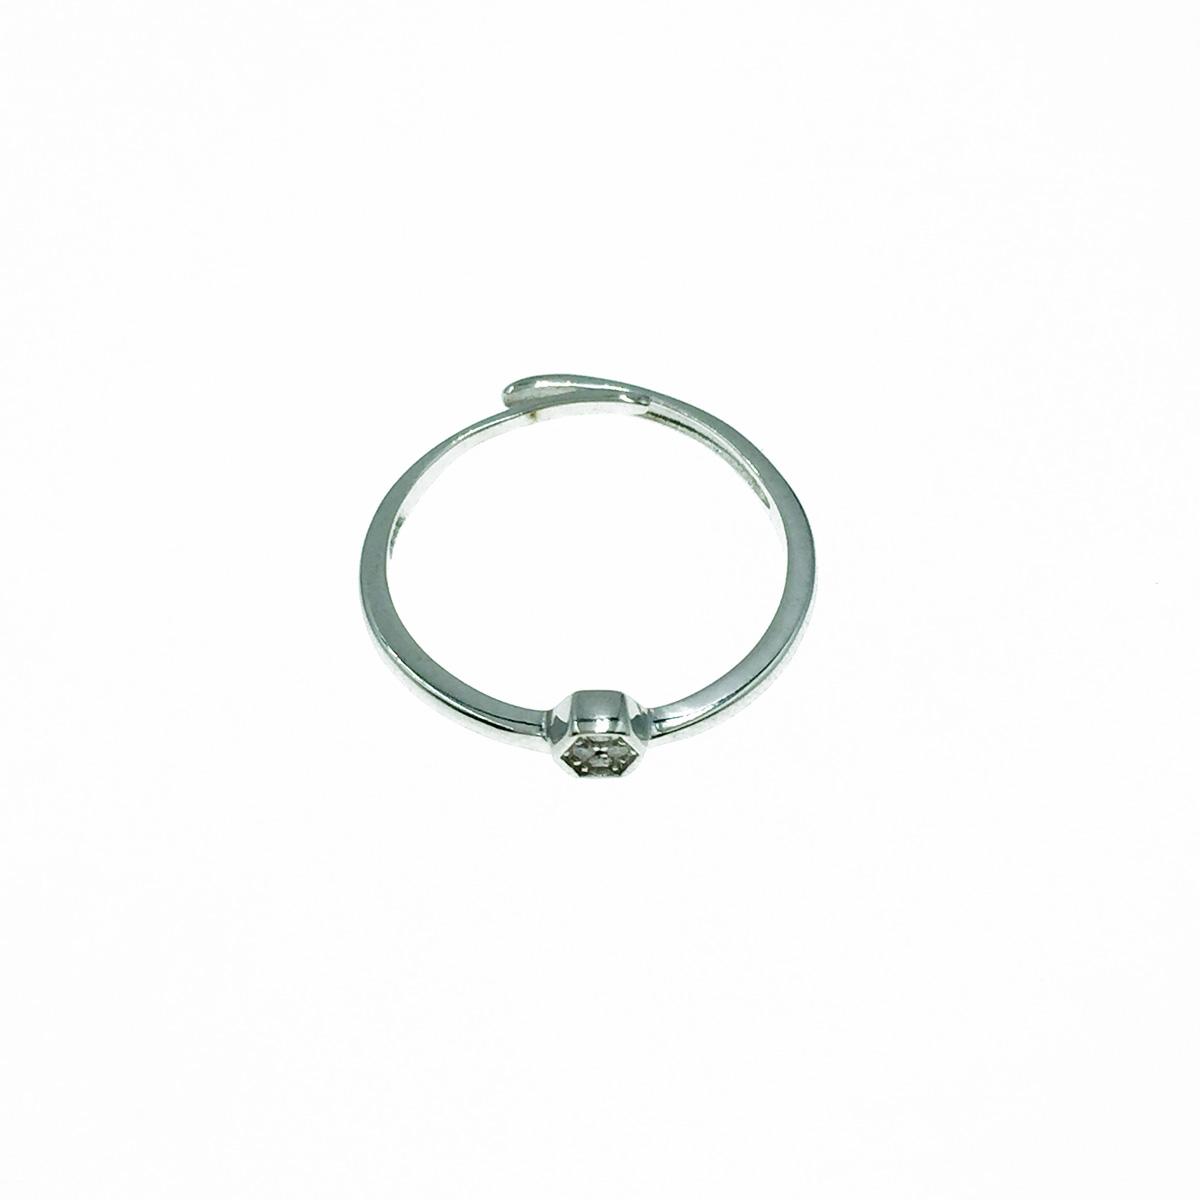 韓國 925純銀 水鑽 六角形 可調式 戒指